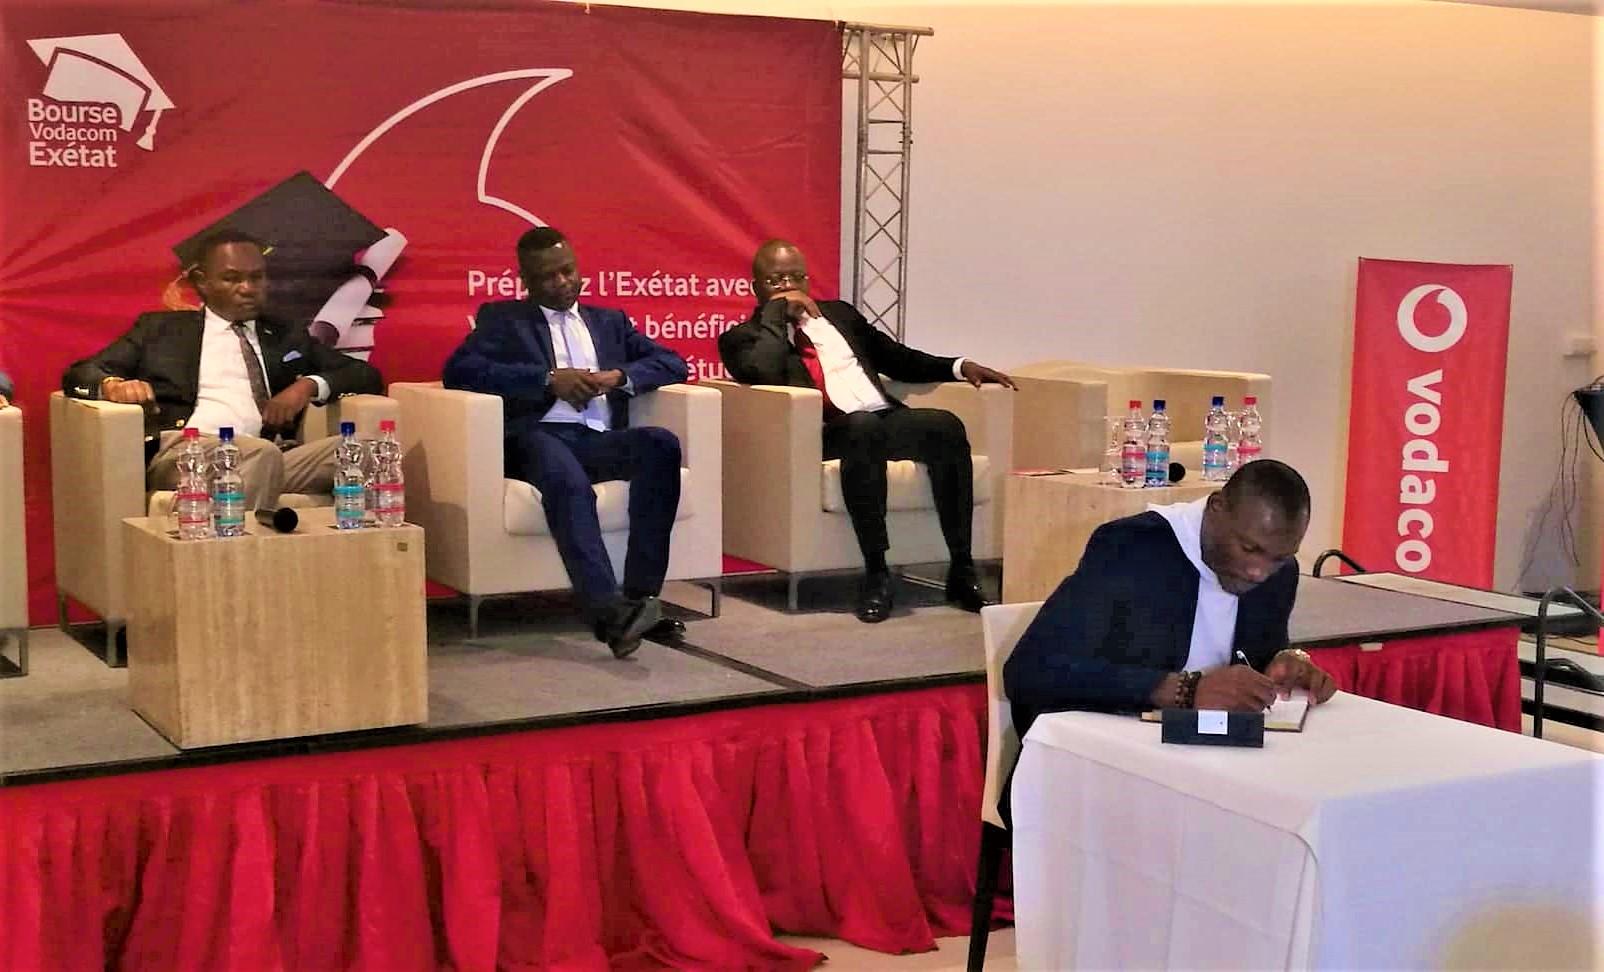 Bourse Vodacom Exetat 1 @Zoom_eco